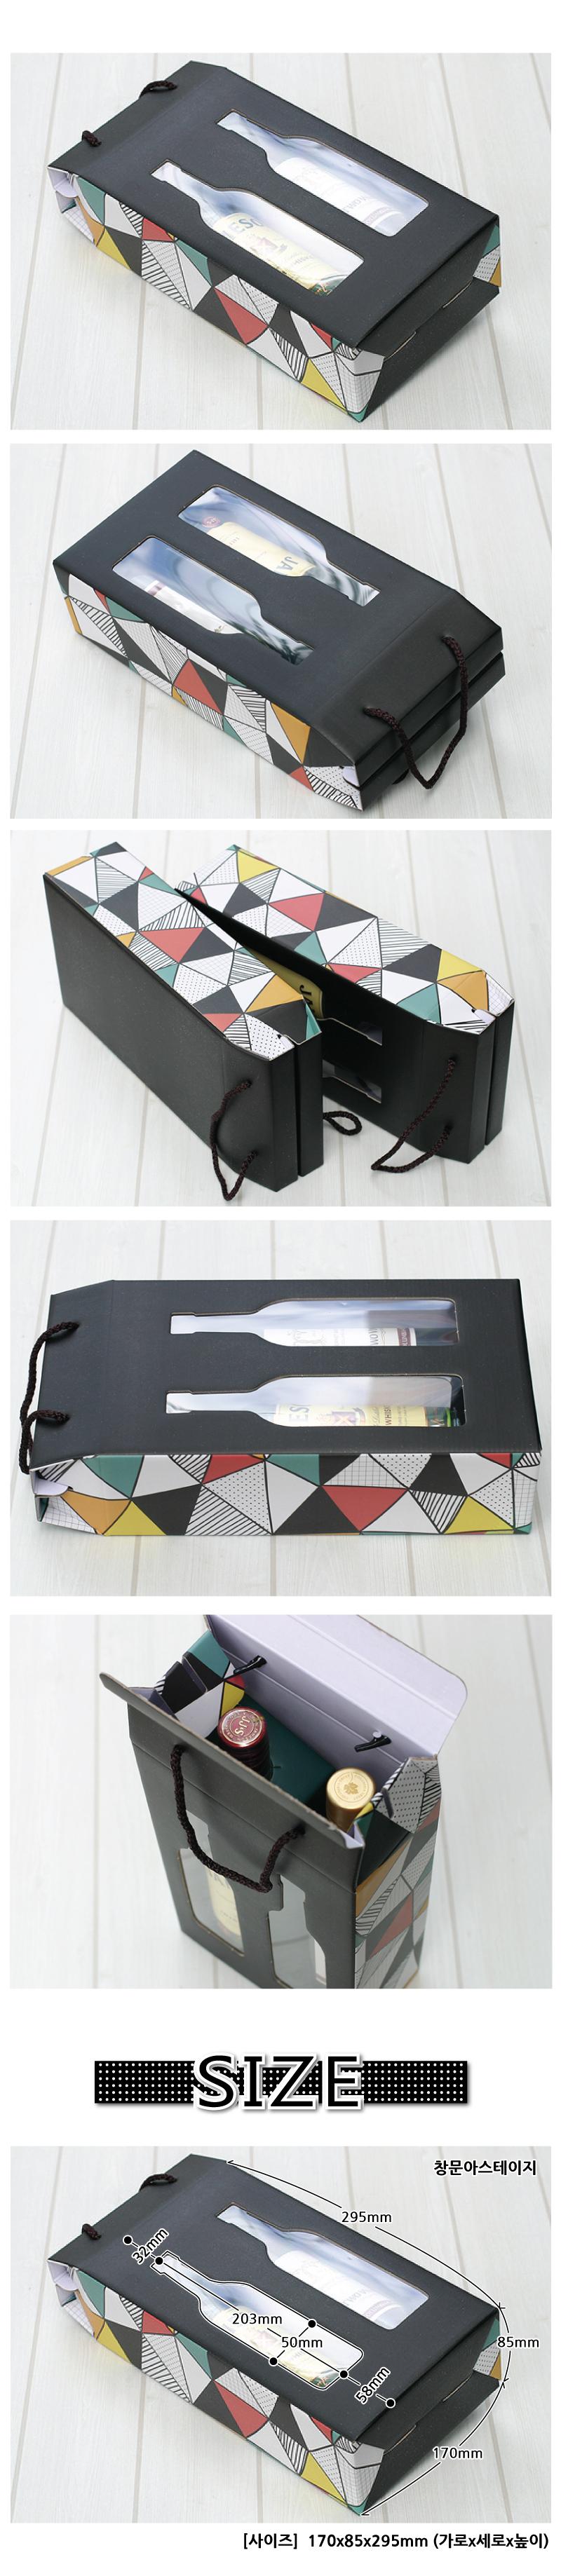 blackdesign2.jpg